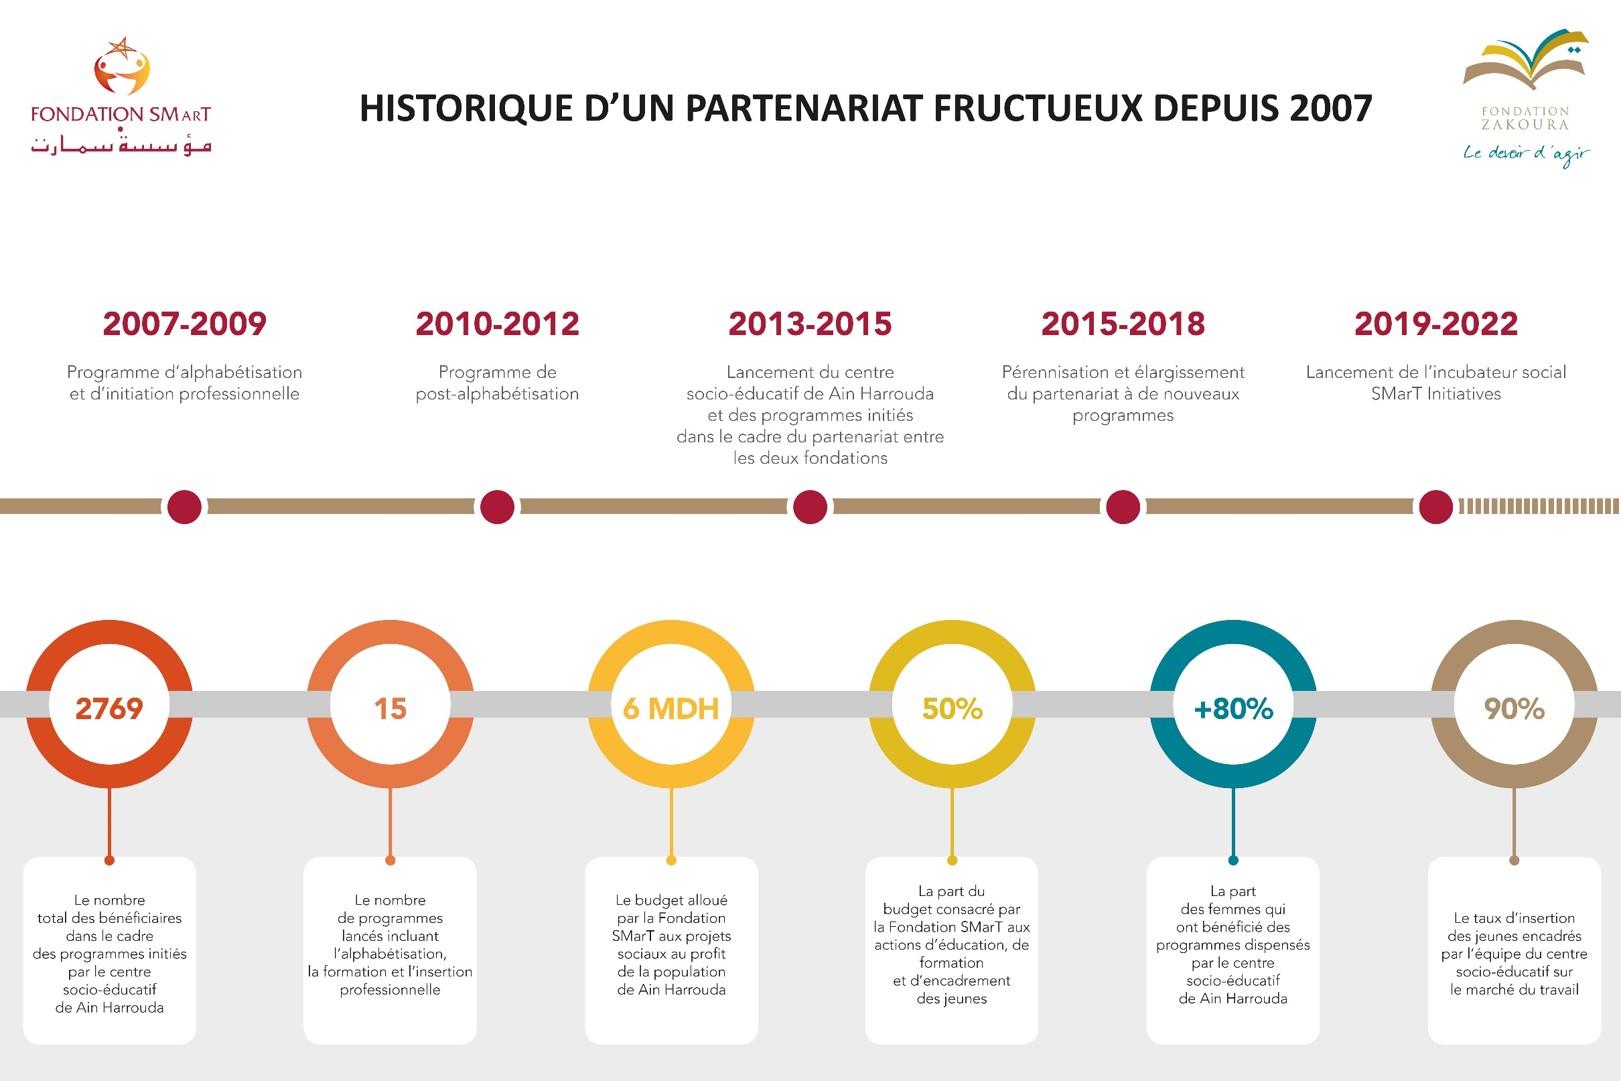 Fondation SMarT et Fondation ZAkoura, historique d'un partenariat fructueux